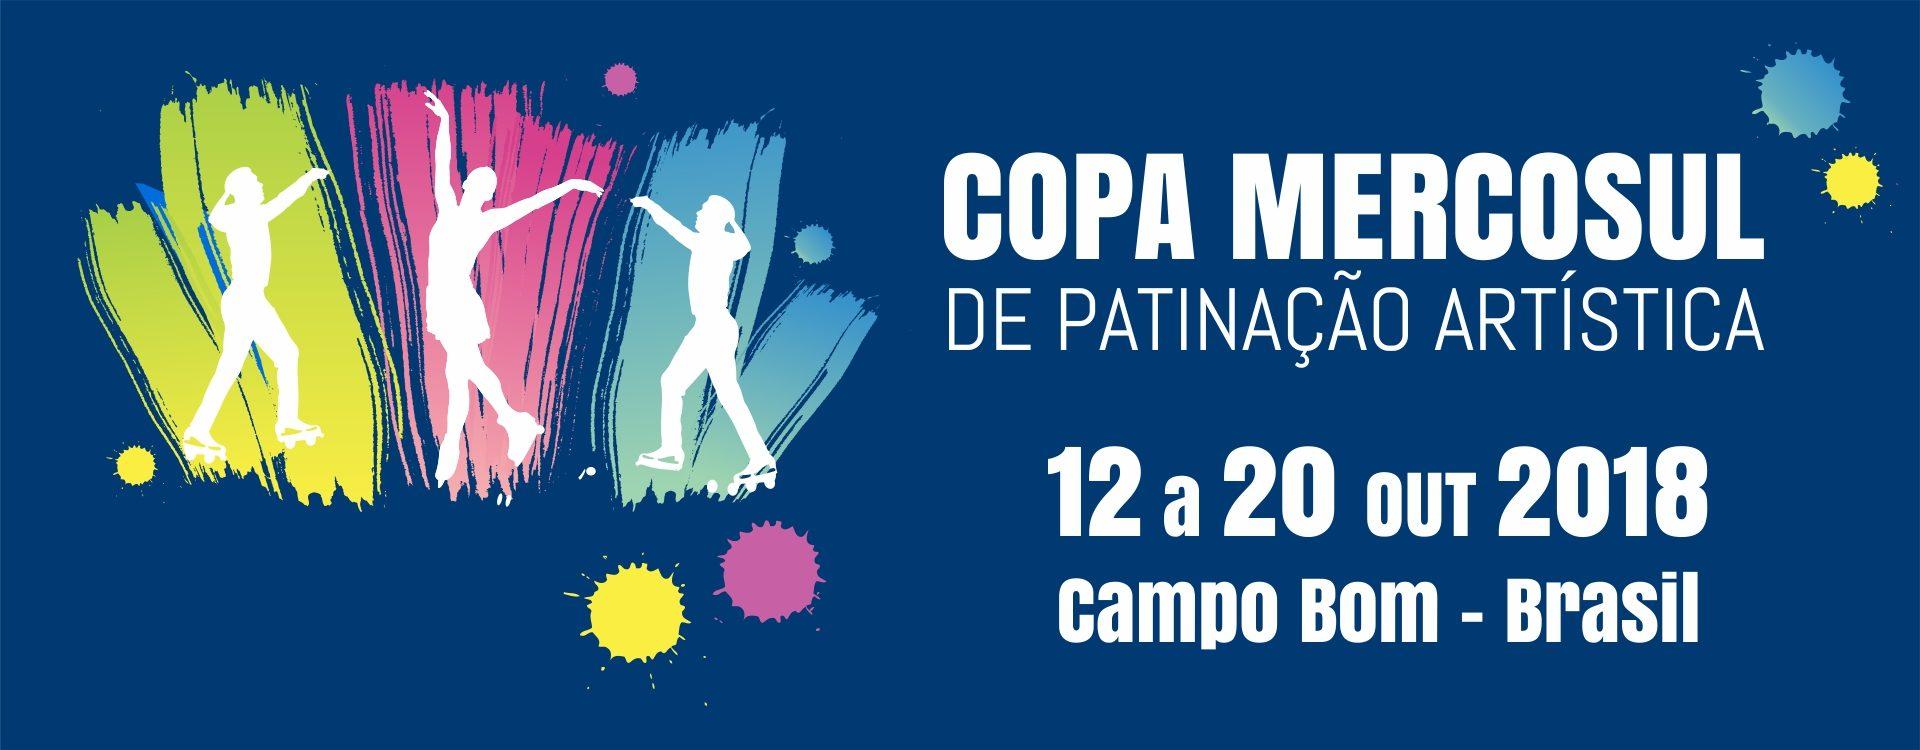 Copa Mercosul 2018